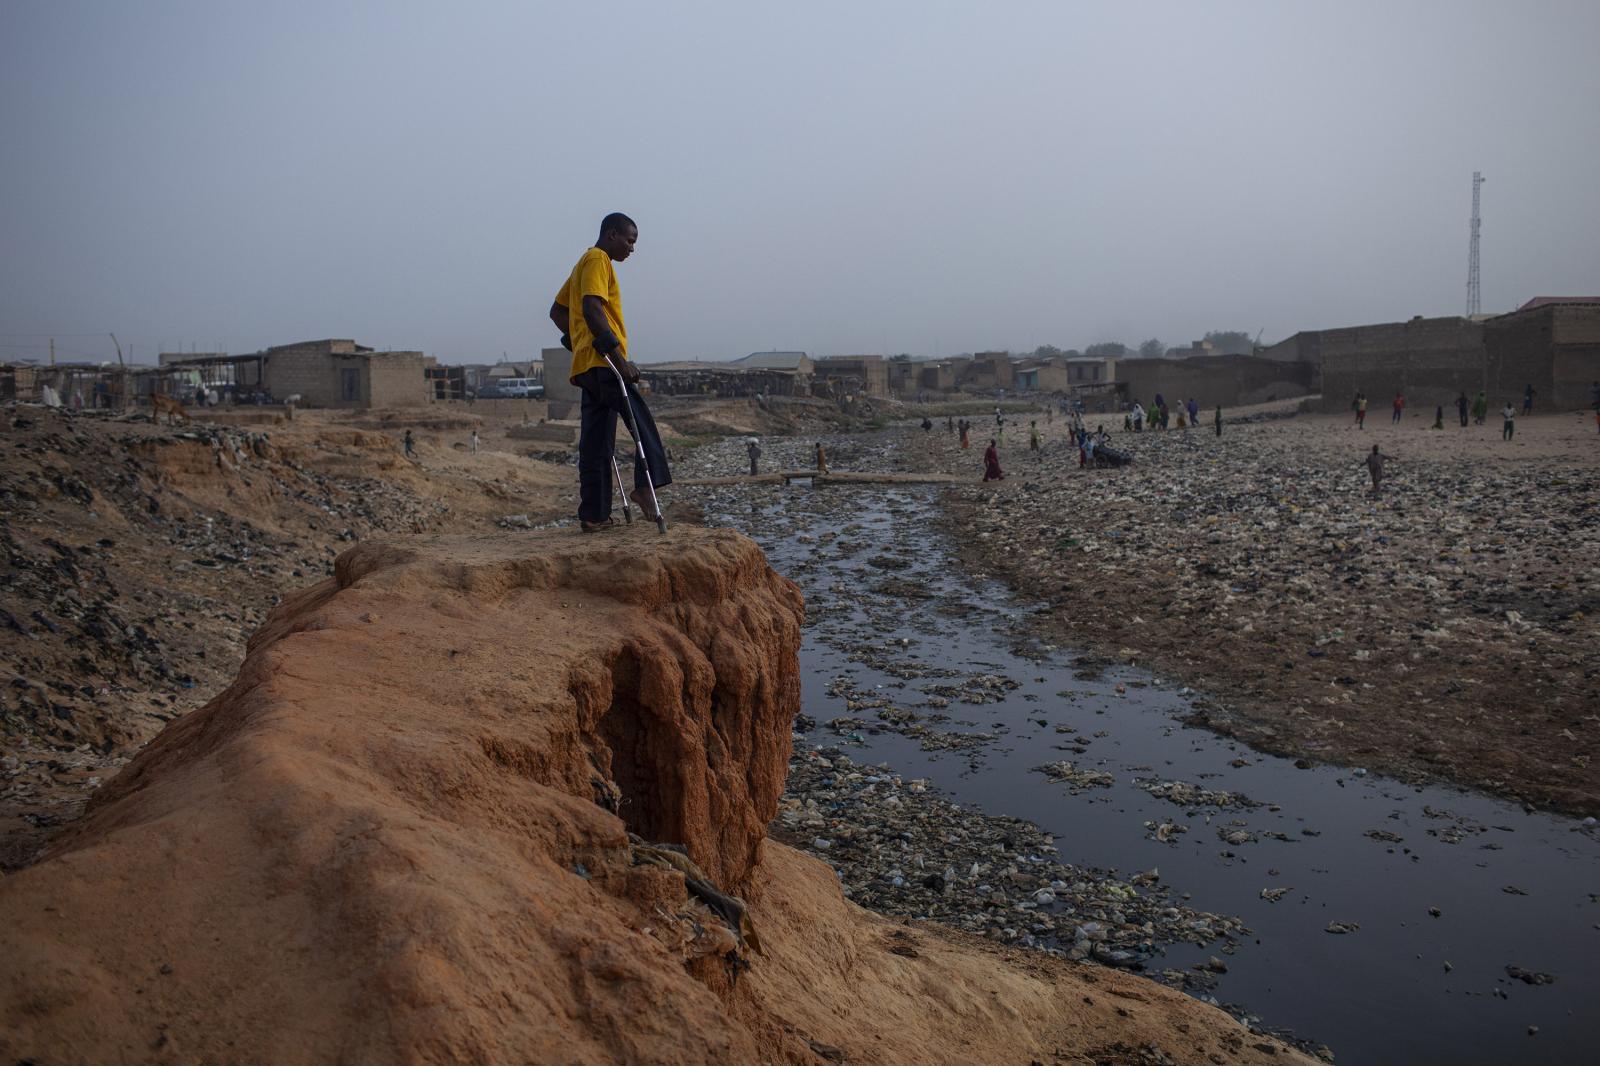 A polio survivor. Polio is no longer endemic in Nigeria. Kano, Nigeria 2014. Diego Ibarra Sánchez